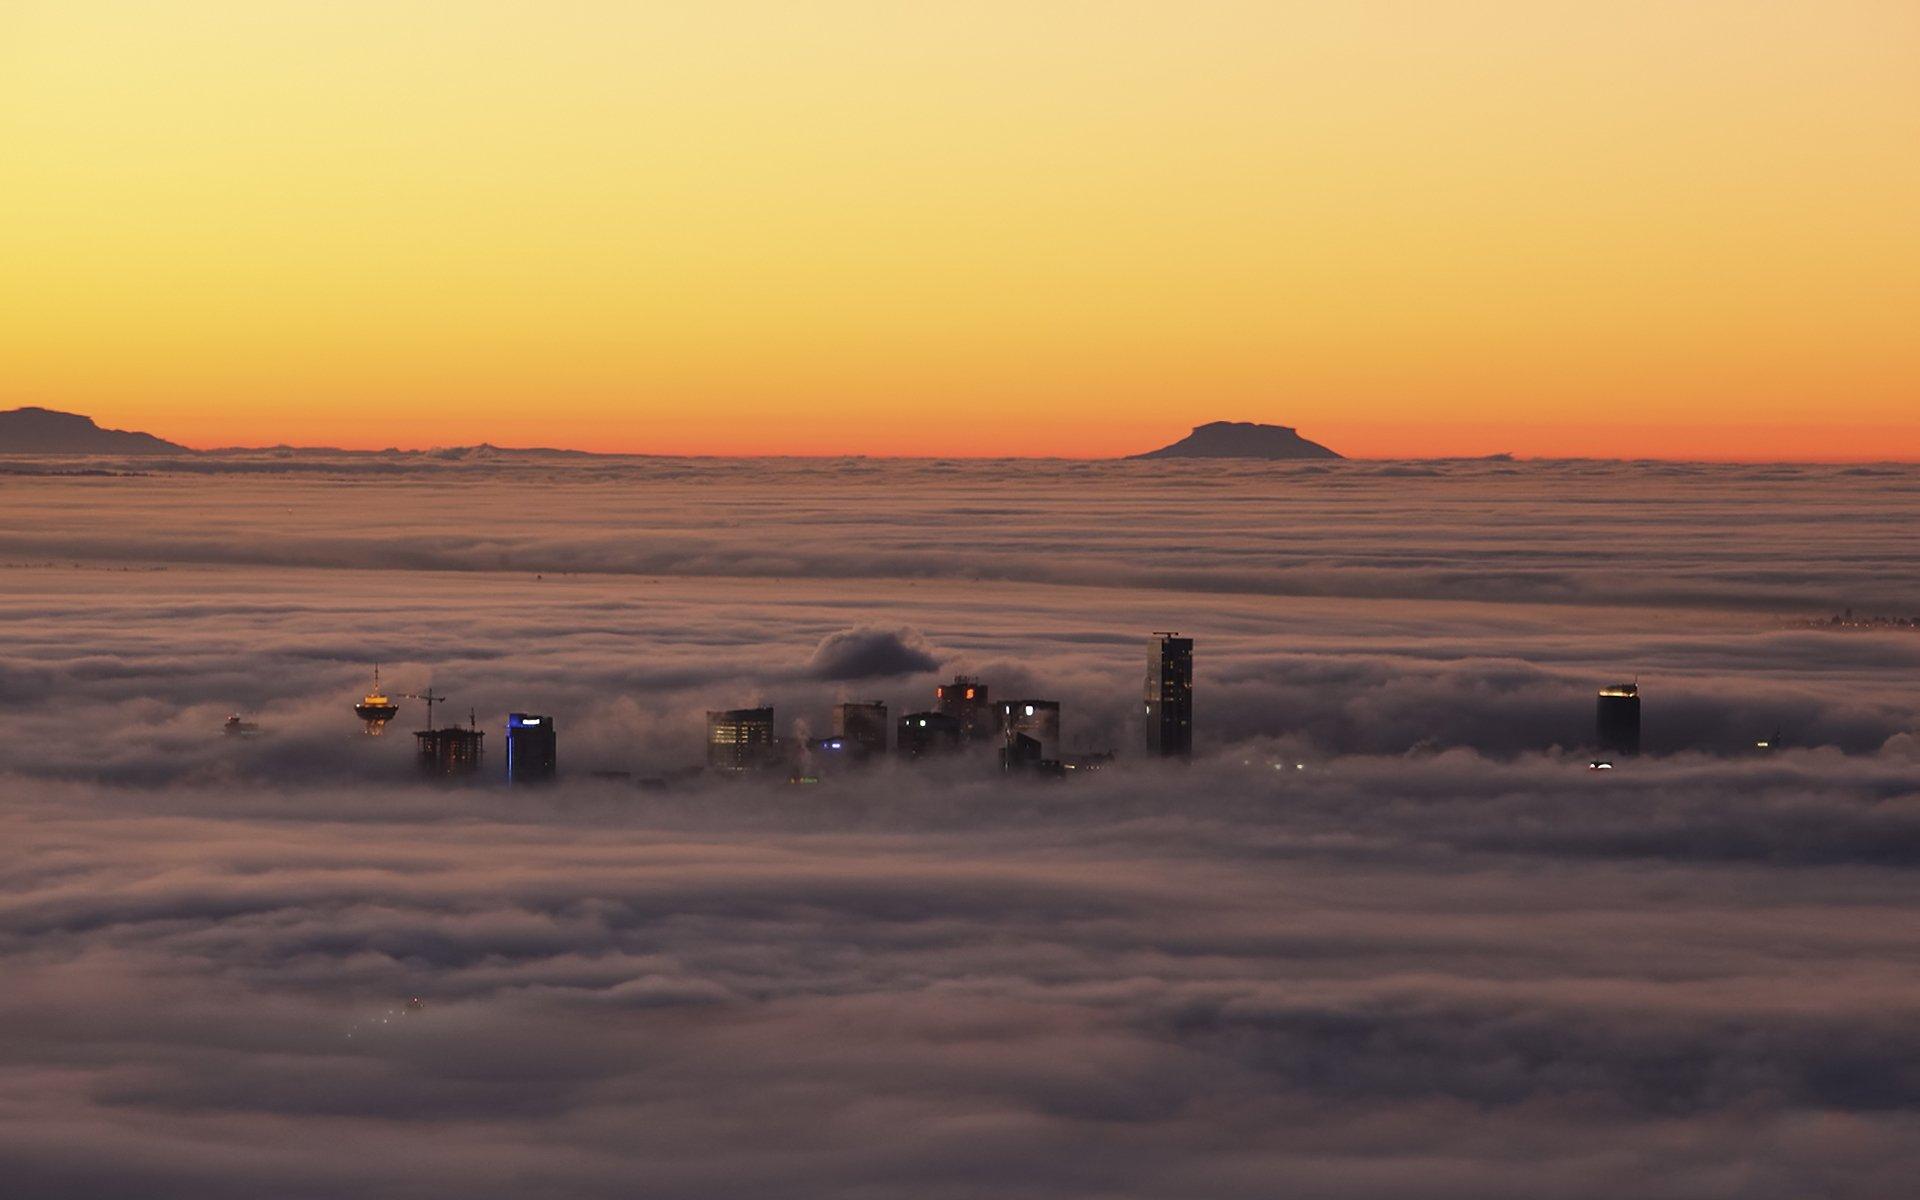 туман город обои для рабочего стола № 648867 бесплатно